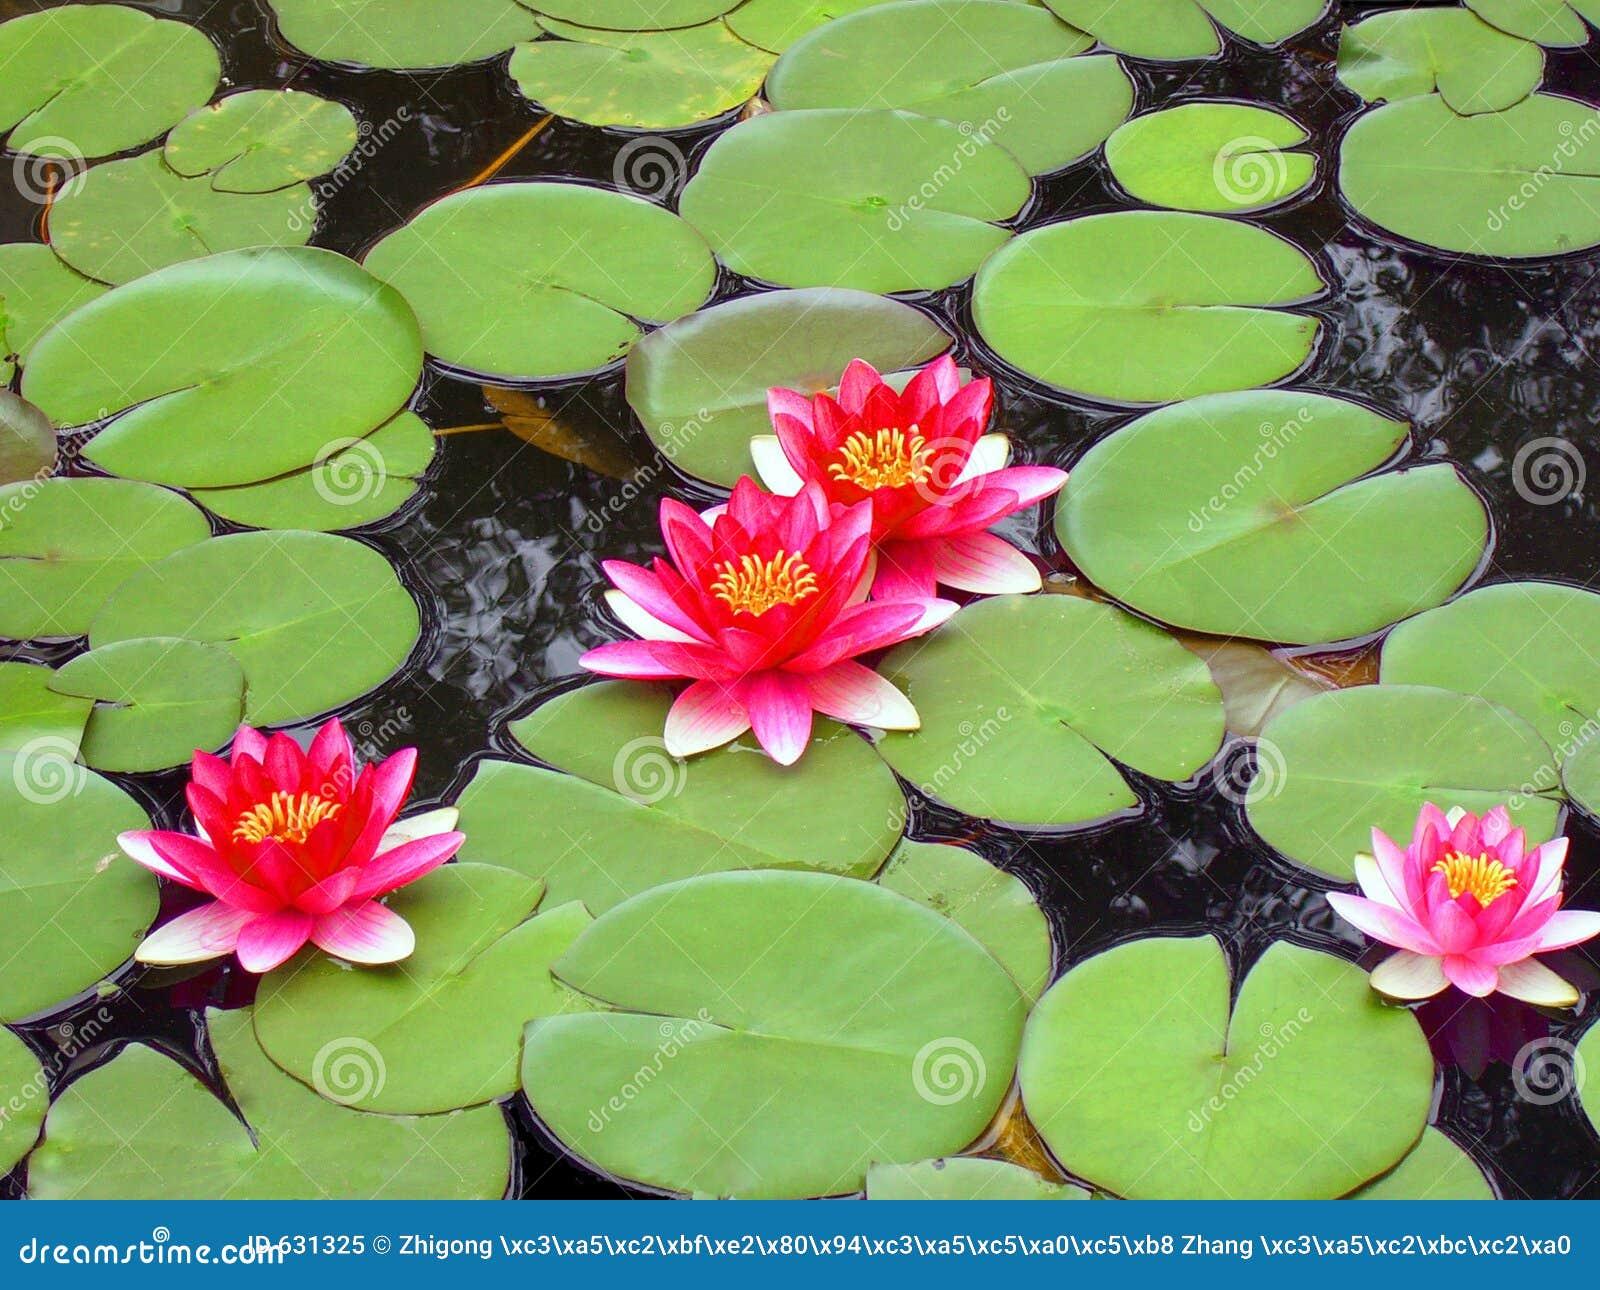 Floración de cuatro enanos waterlily en hojas redondas verdes.